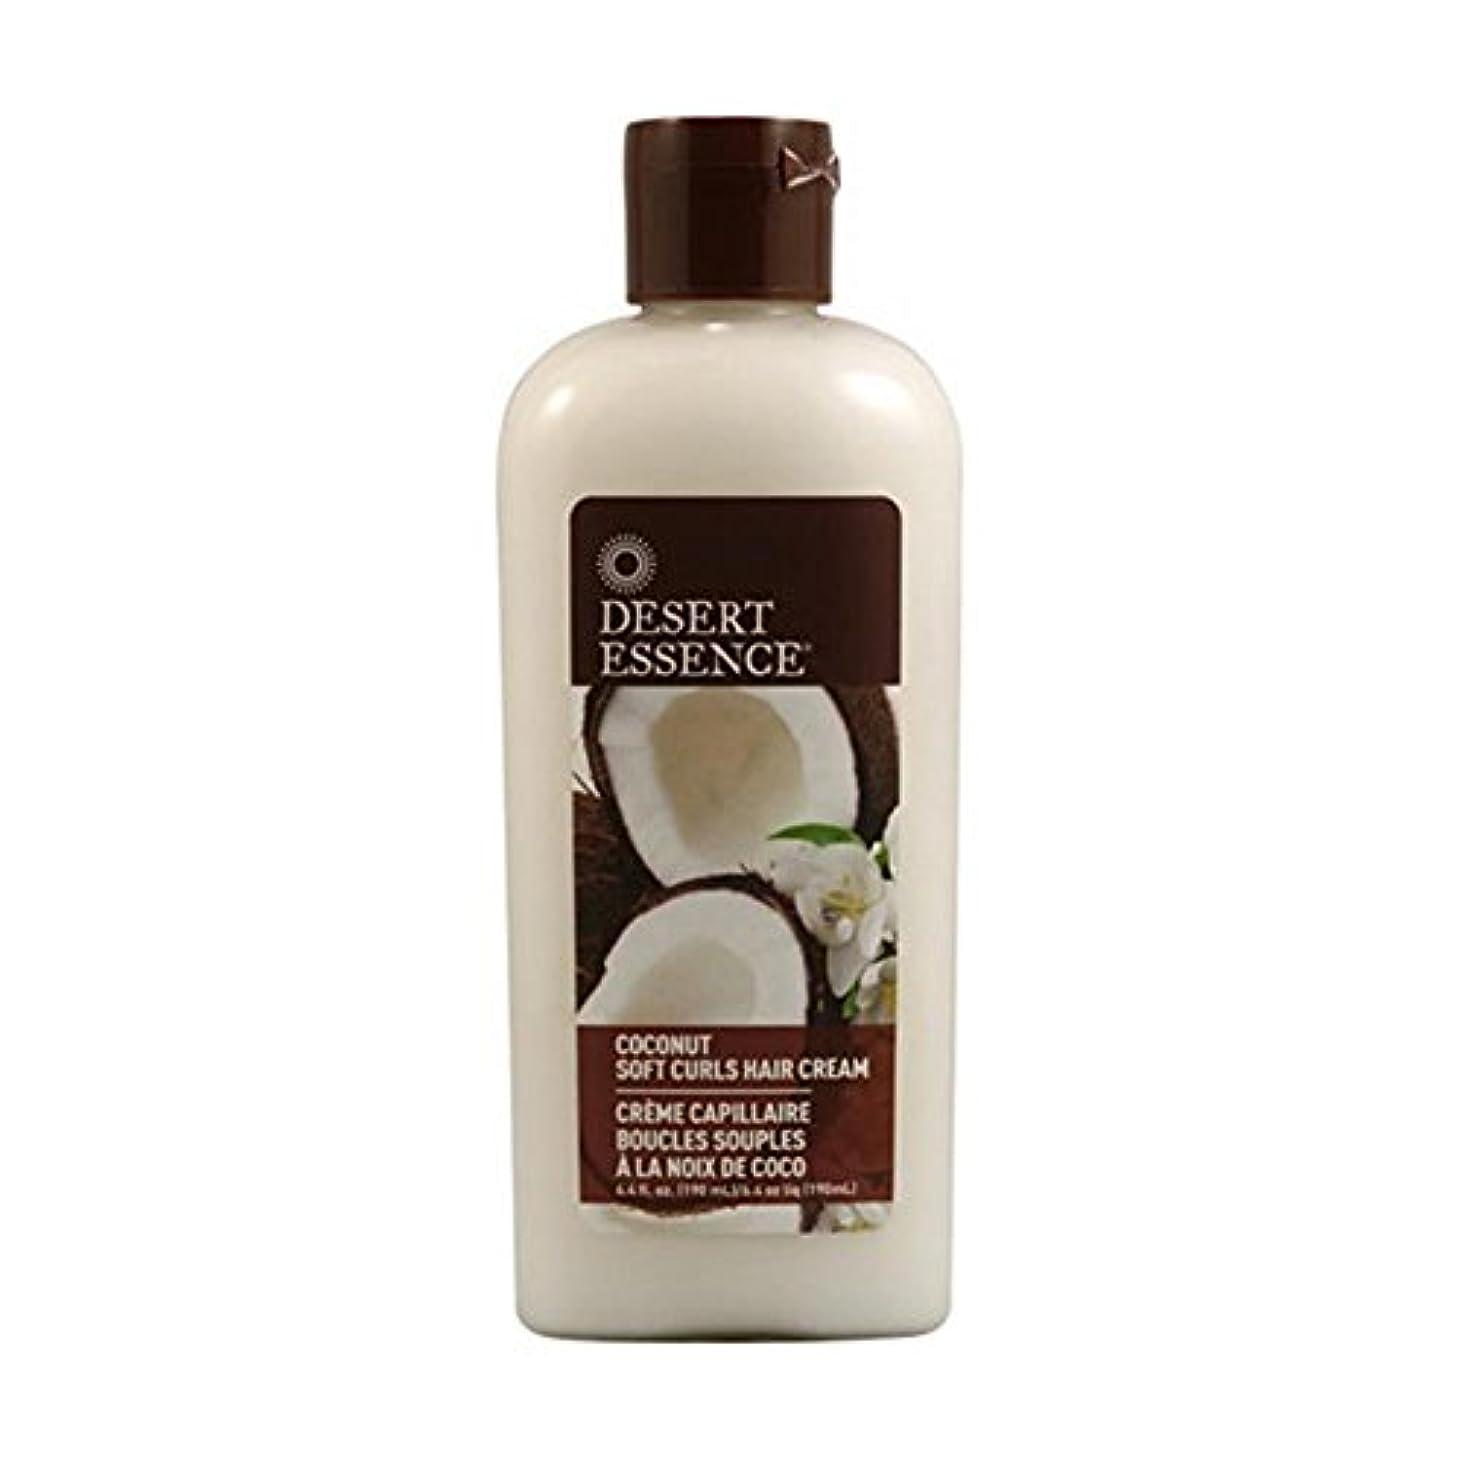 続編延ばすシャット海外直送品Desert Essence Coconut Shine Soft Curl Hair Cream, 6.4 OZ (Pack of 3)